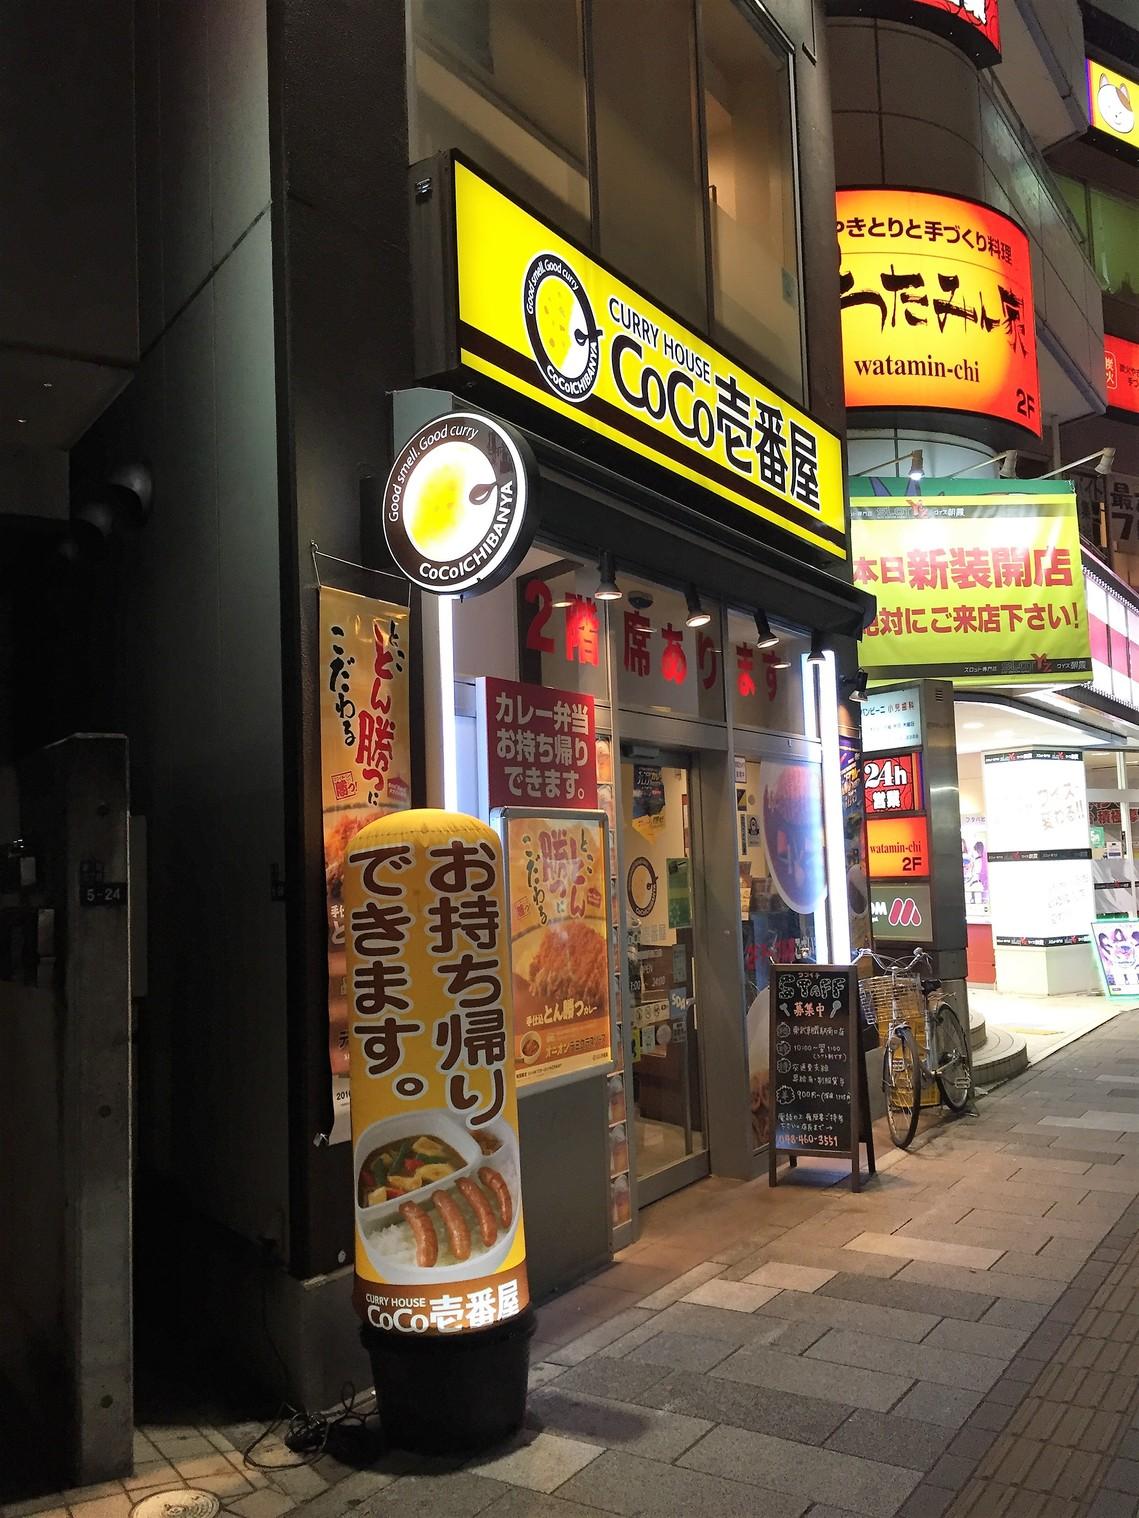 カレーハウス CoCo壱番屋 東武朝霞駅南口店